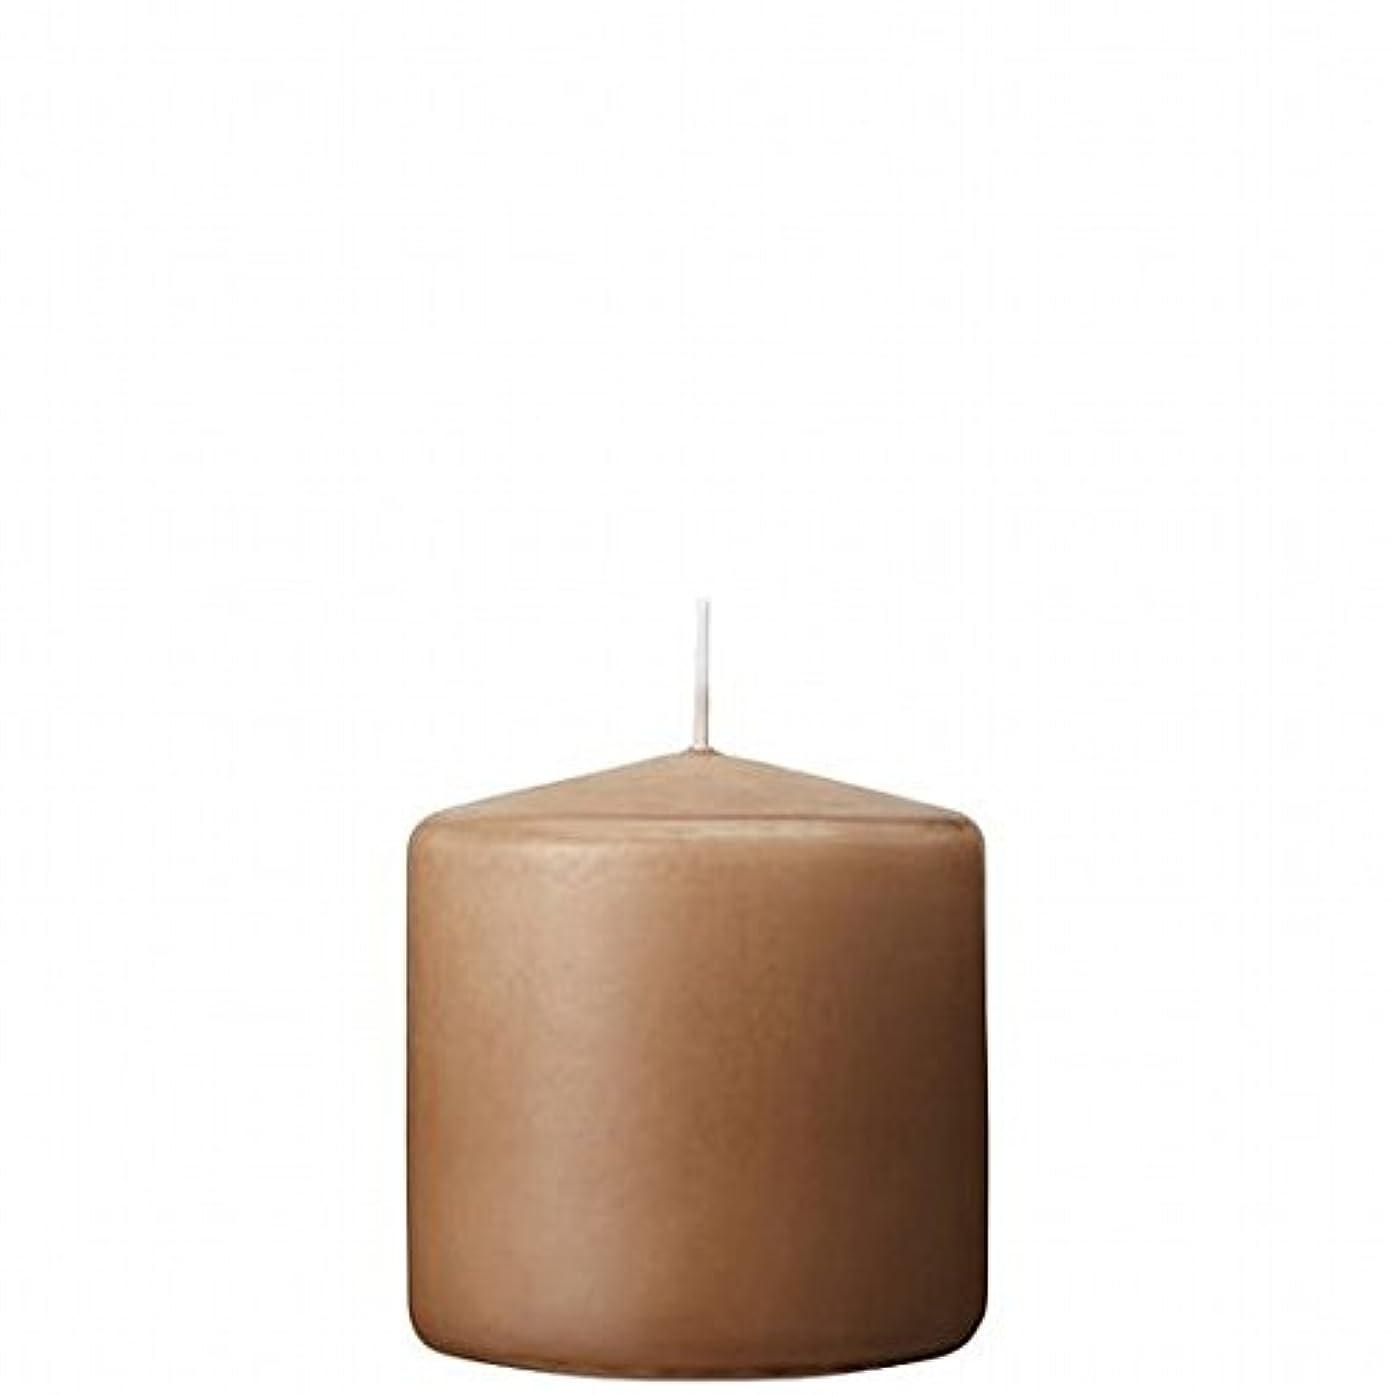 突進マグ砂漠kameyama candle(カメヤマキャンドル) 3×3ベルトップピラーキャンドル 「 モカ 」(A9730000MO)